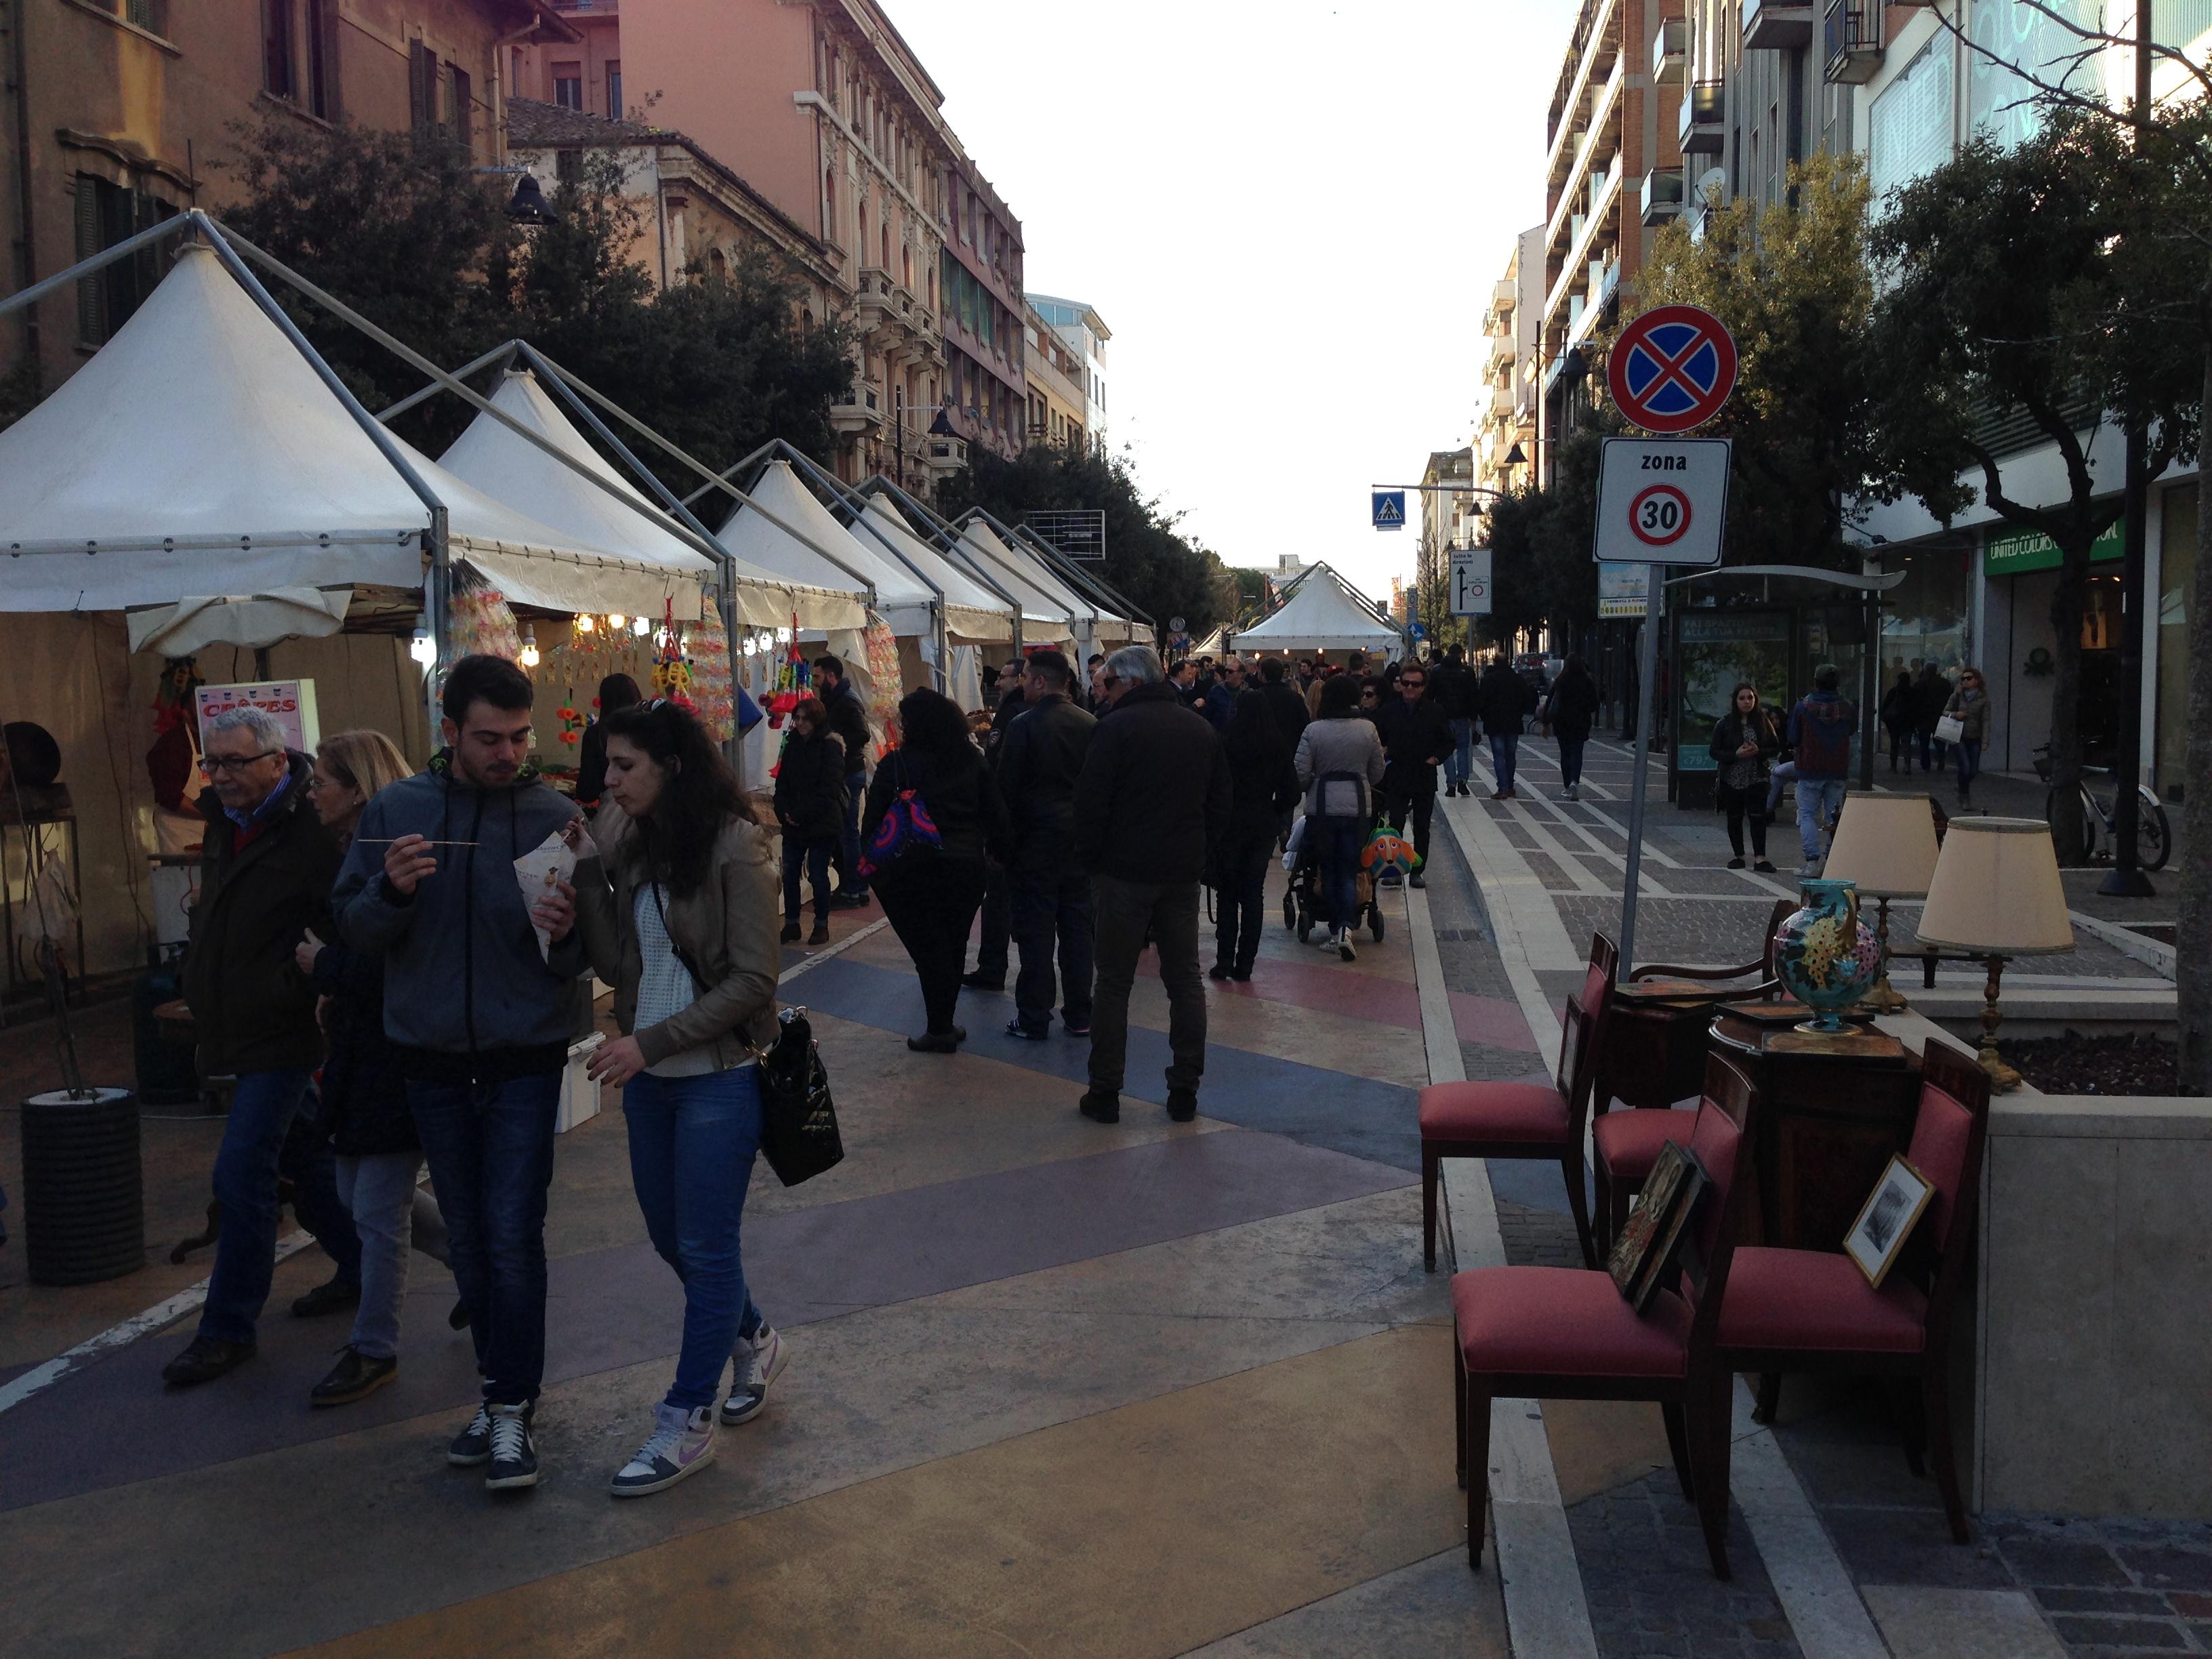 רחוב שהפך למתחם מכירת מזון בעת פסטיב